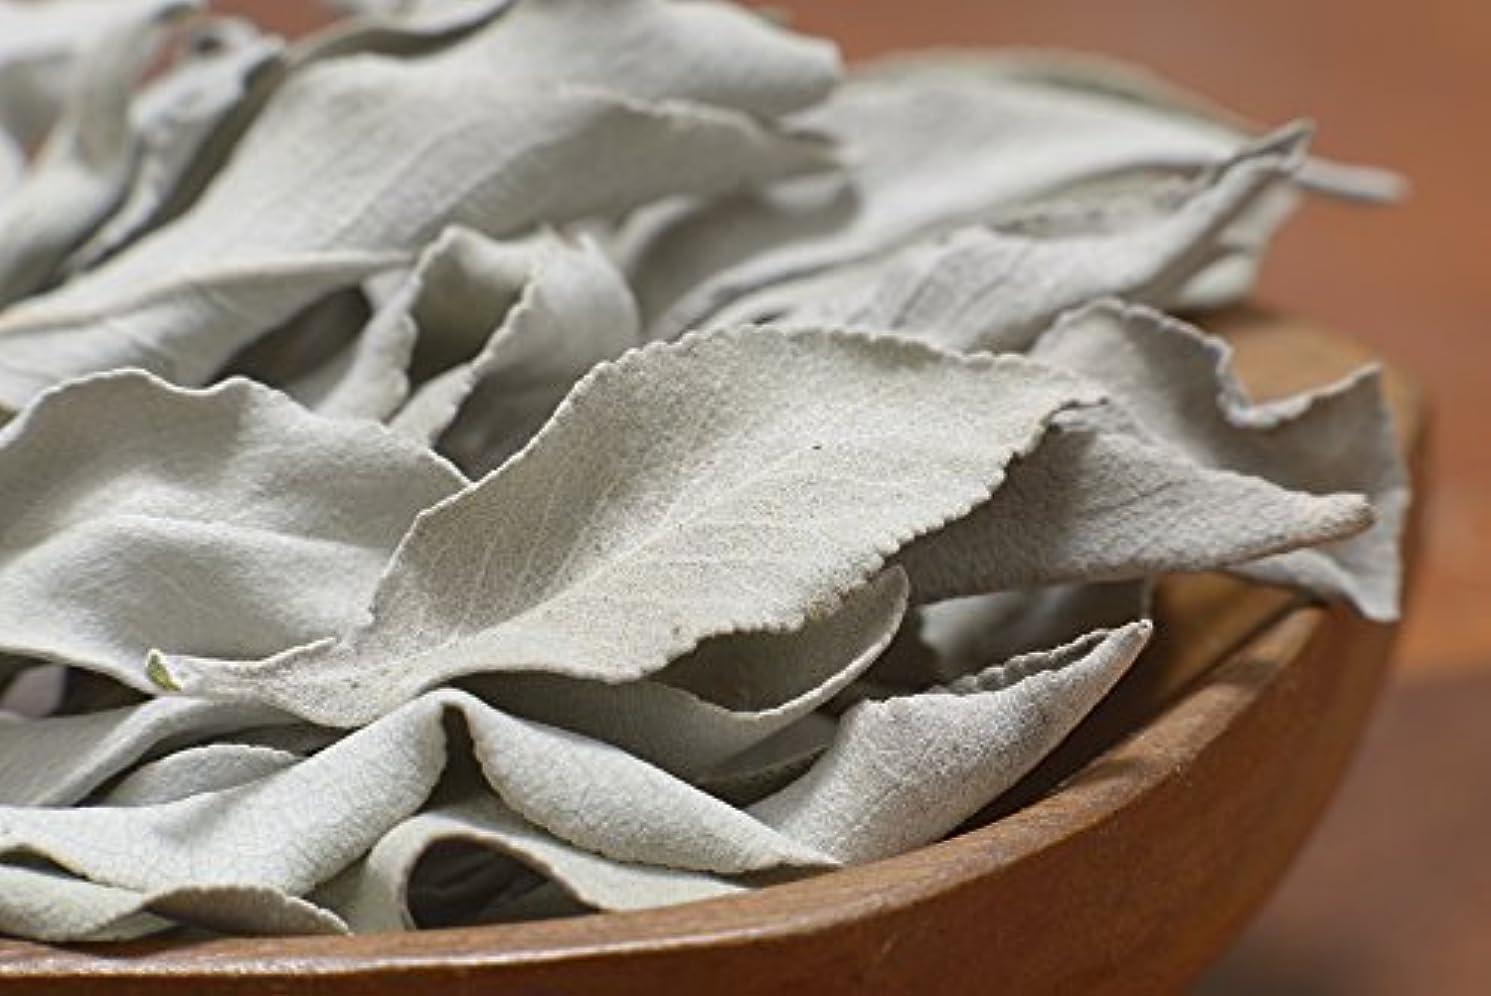 広範囲にアセシミュレートする最高級カリフォルニア産オーガニック ホワイトセージ 50g入り (葉+茎タイプ) 無農薬栽培 浄化用 スマッジング用として